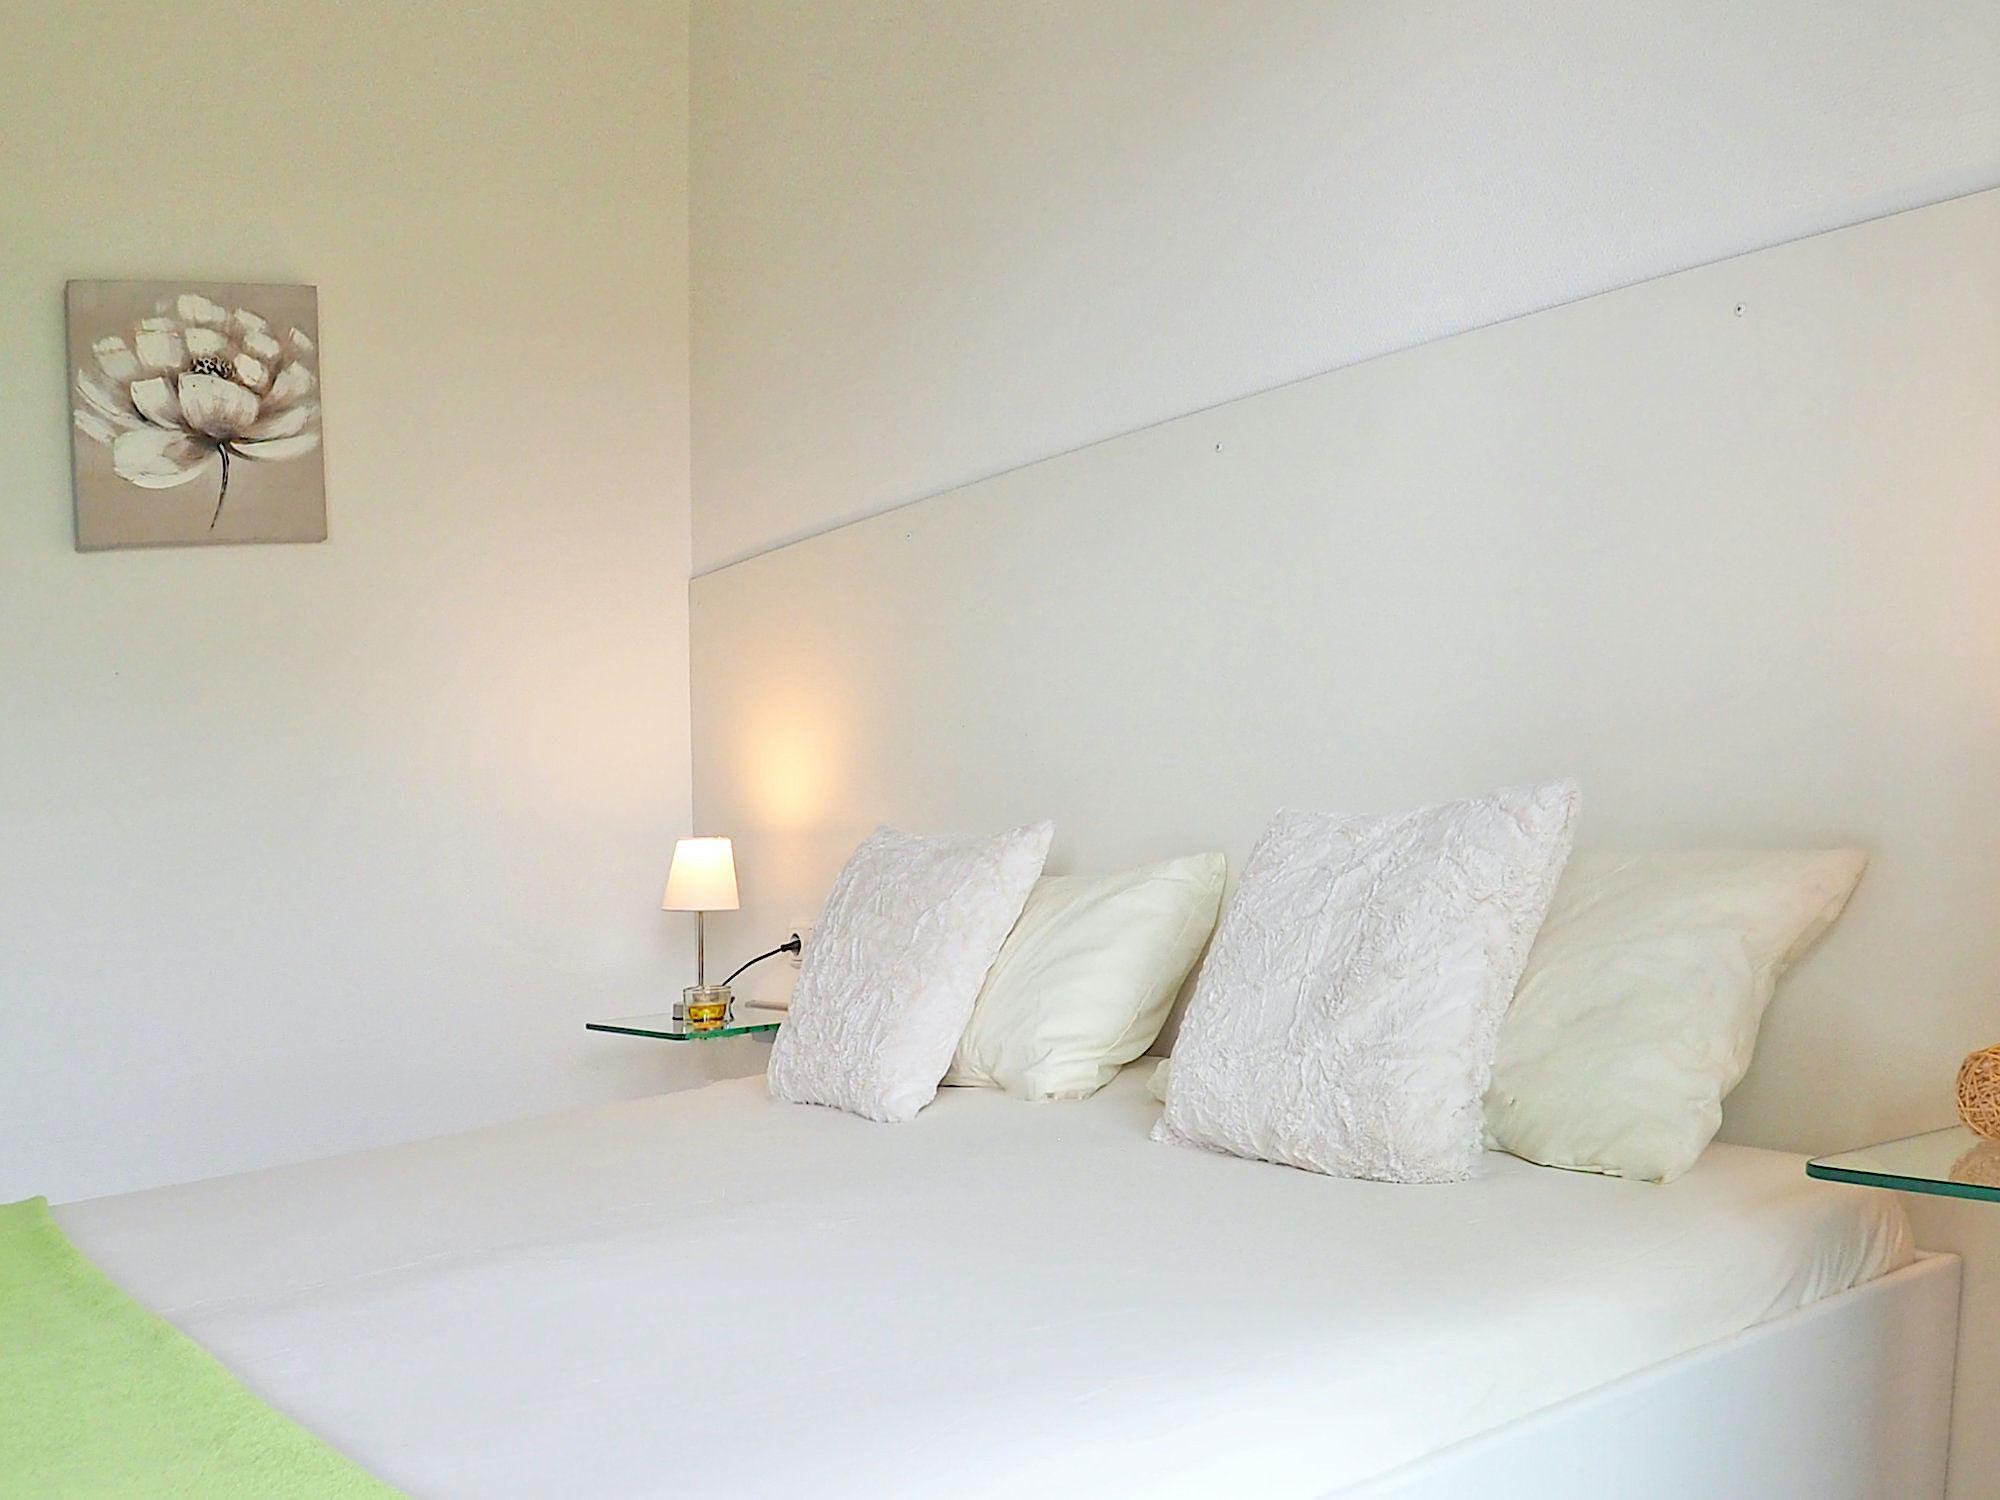 Schlafzimmer mit Doppelbett und Kopfkissen